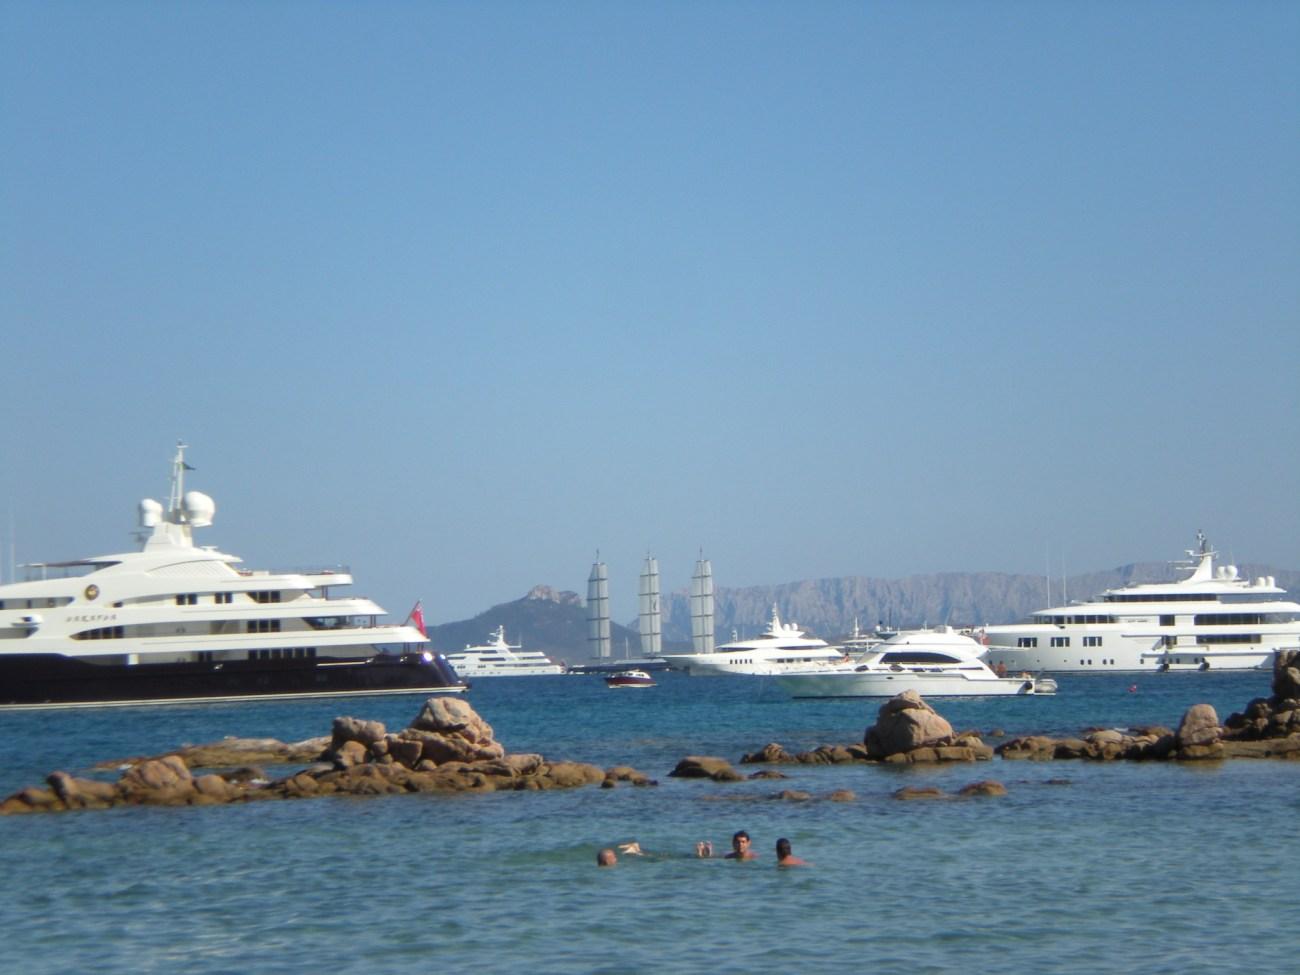 Costa Smeralda yacht parade